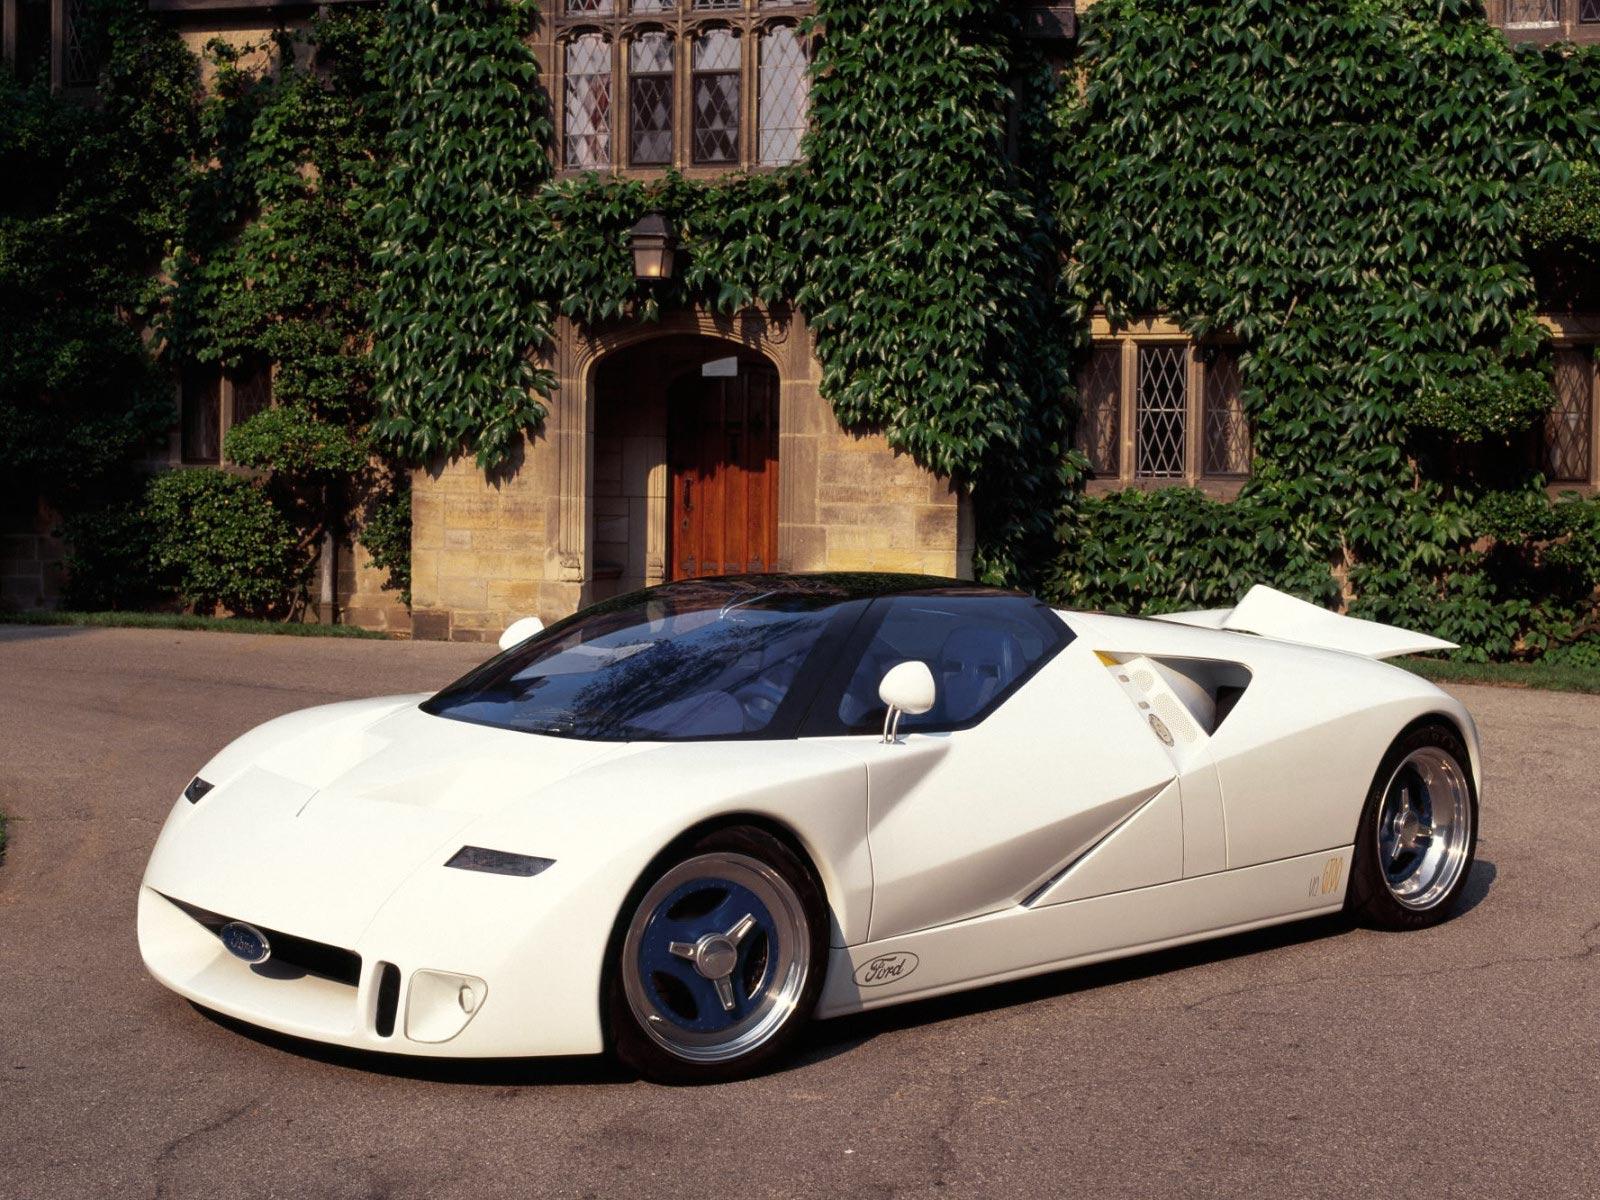 Cùng chiêm ngưỡng top 10 siêu xe ford đắt nhất thế giới